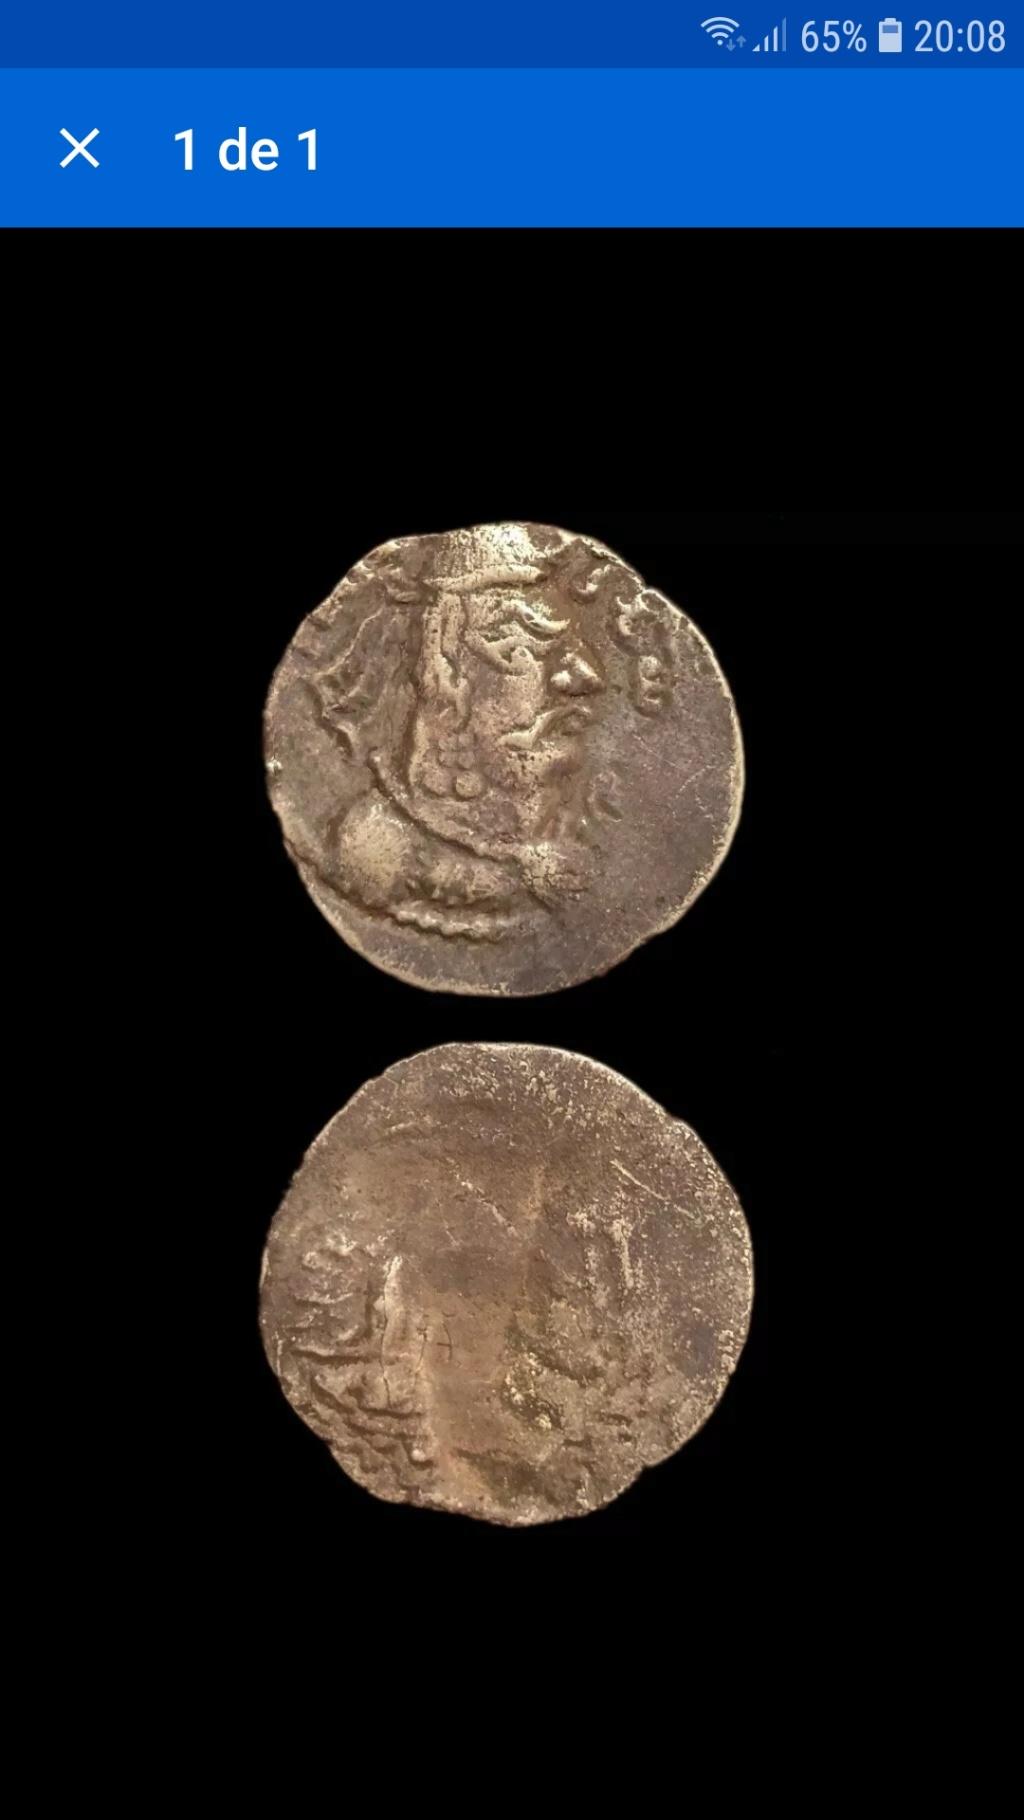 Moneda india sin identificar 20211